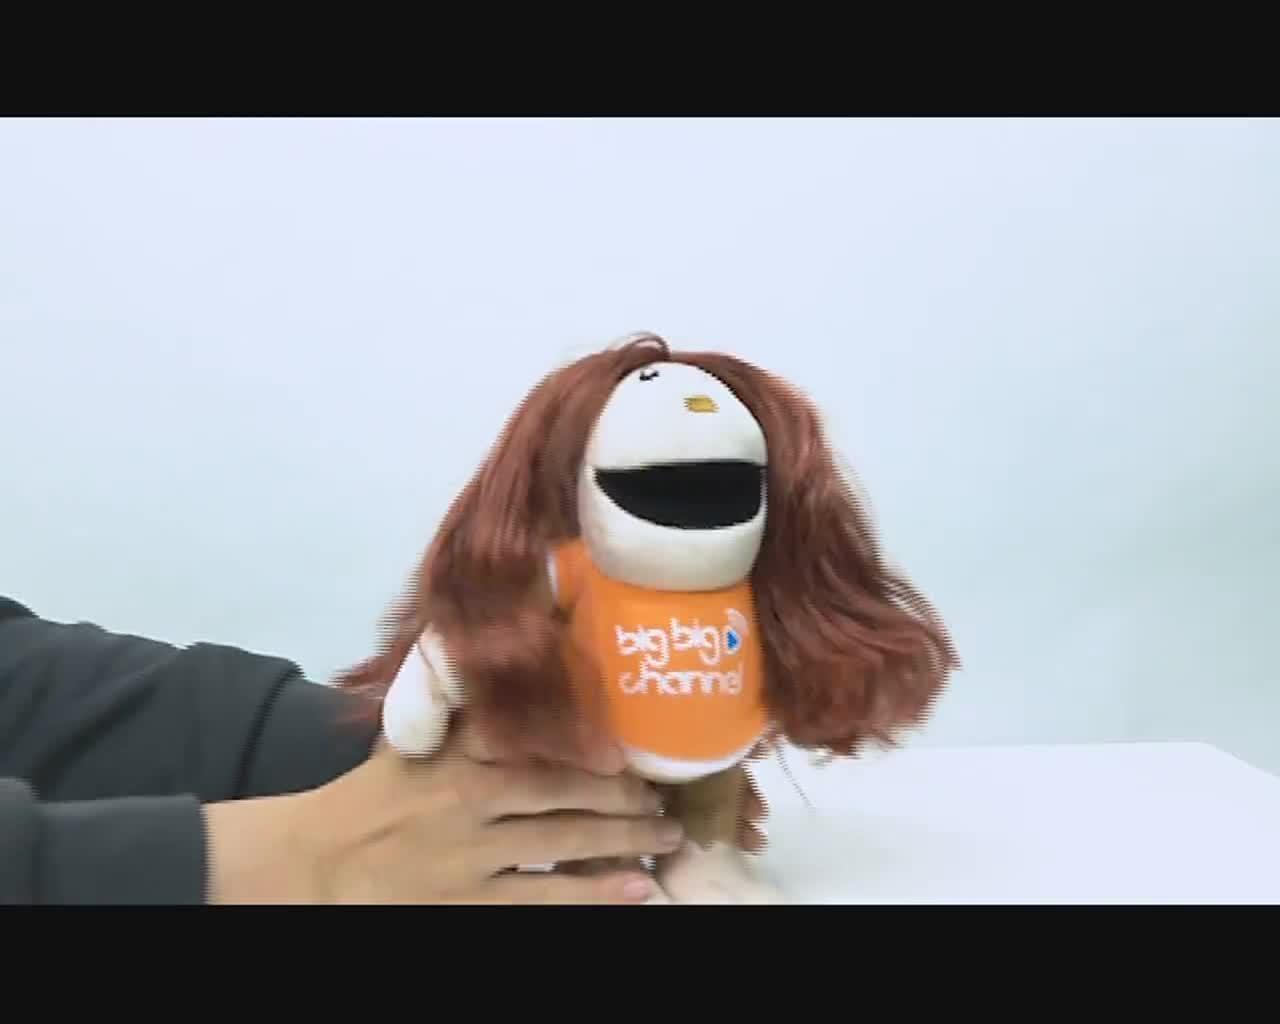 《今期流行》大龍鳳測試 髮蠟